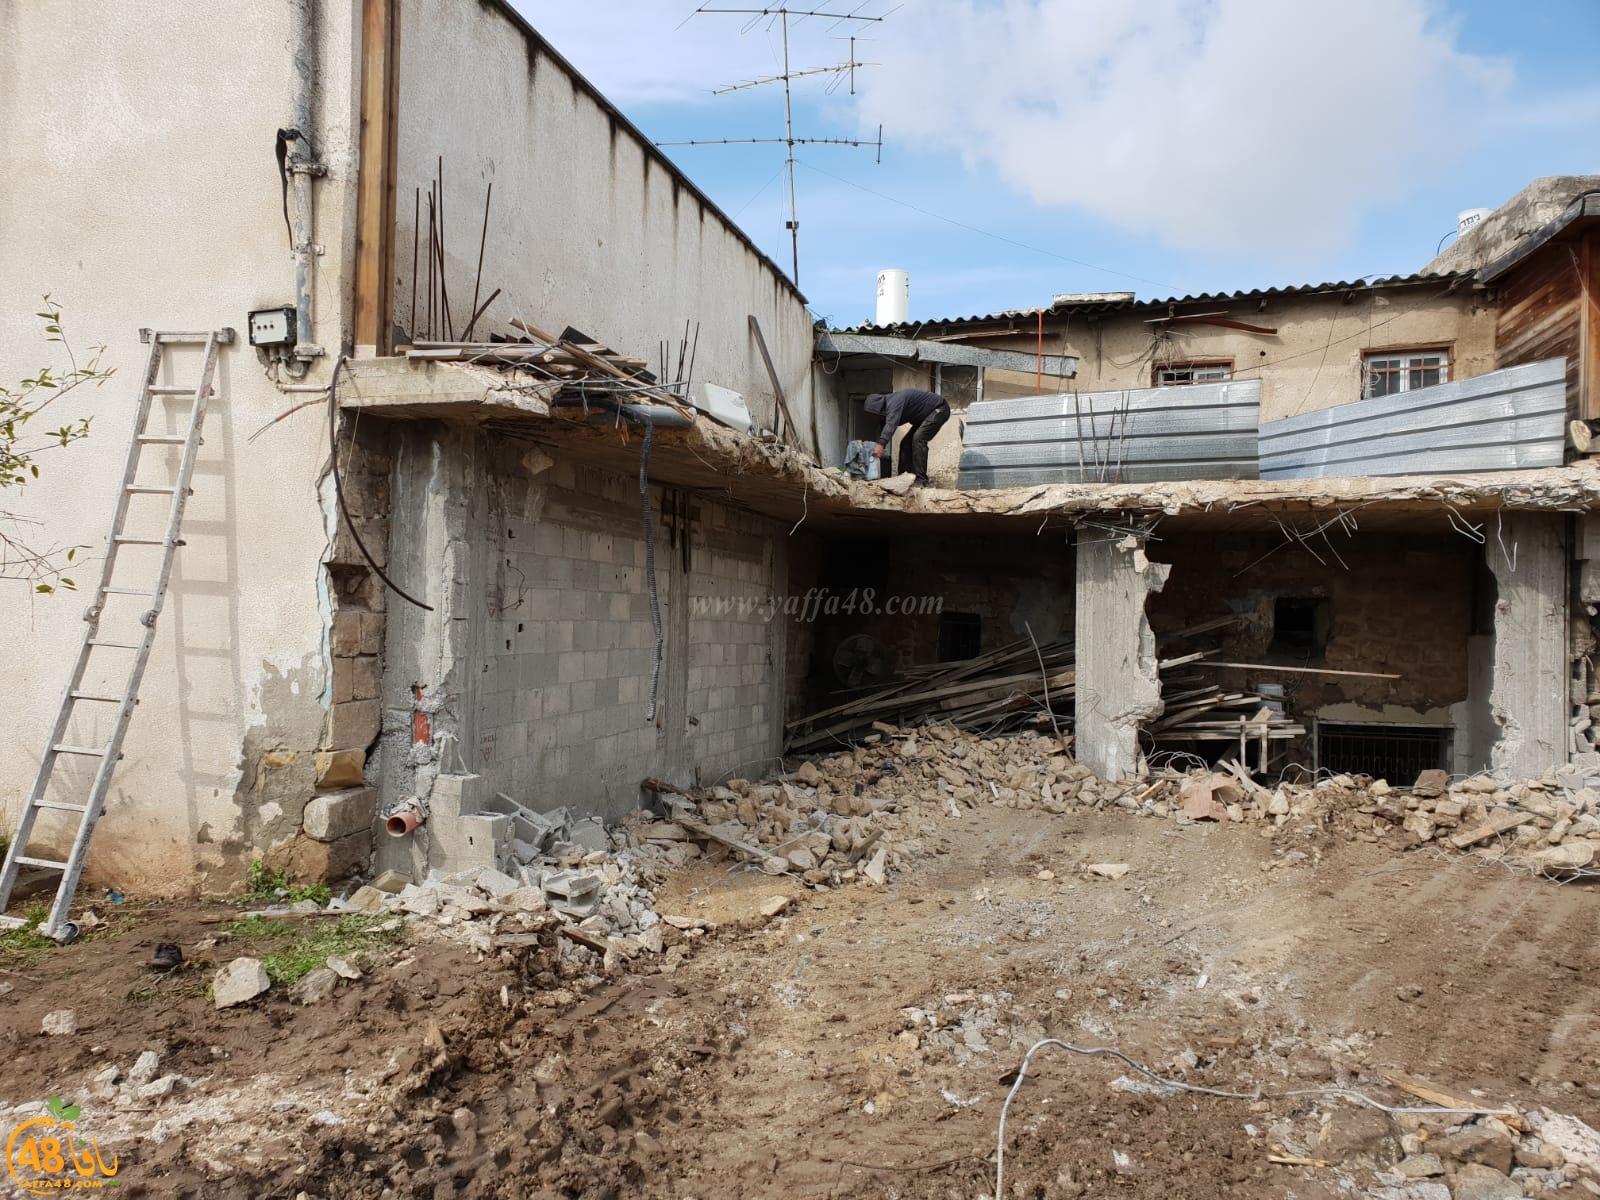 فيديو: هدم منزل قيد الانشاء لعائلة أبو هزاز بالرملة